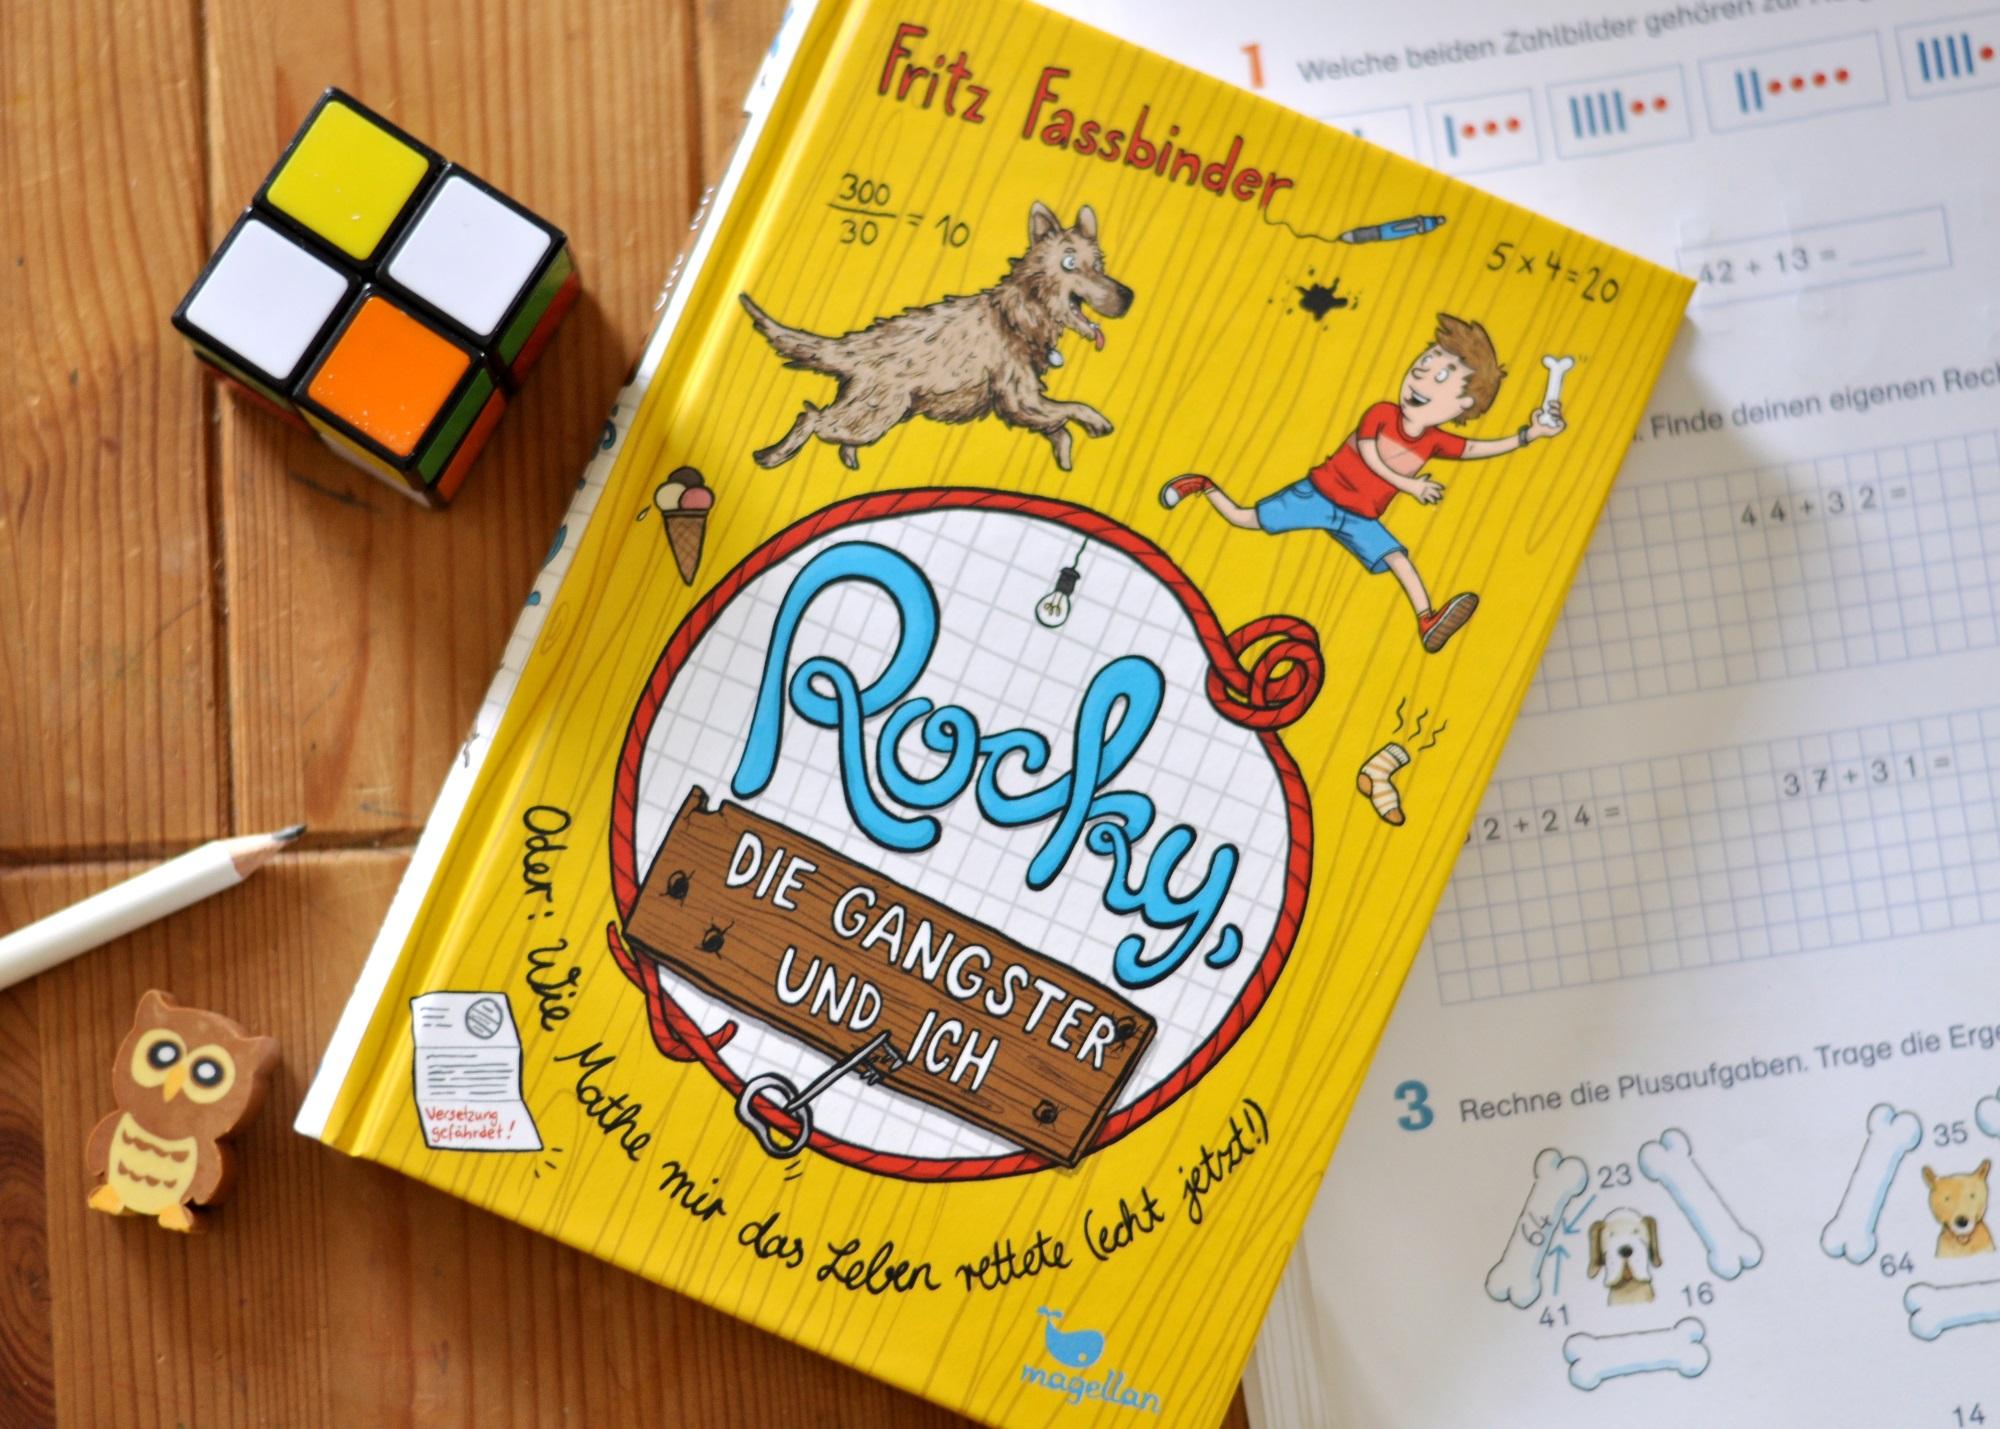 Rocky, die Ganster und ich - ein Kinder-Krimi ab 10 Jahren #Hund #Mathe #Polizei #Krimi #Kinderbuch #Schulkind